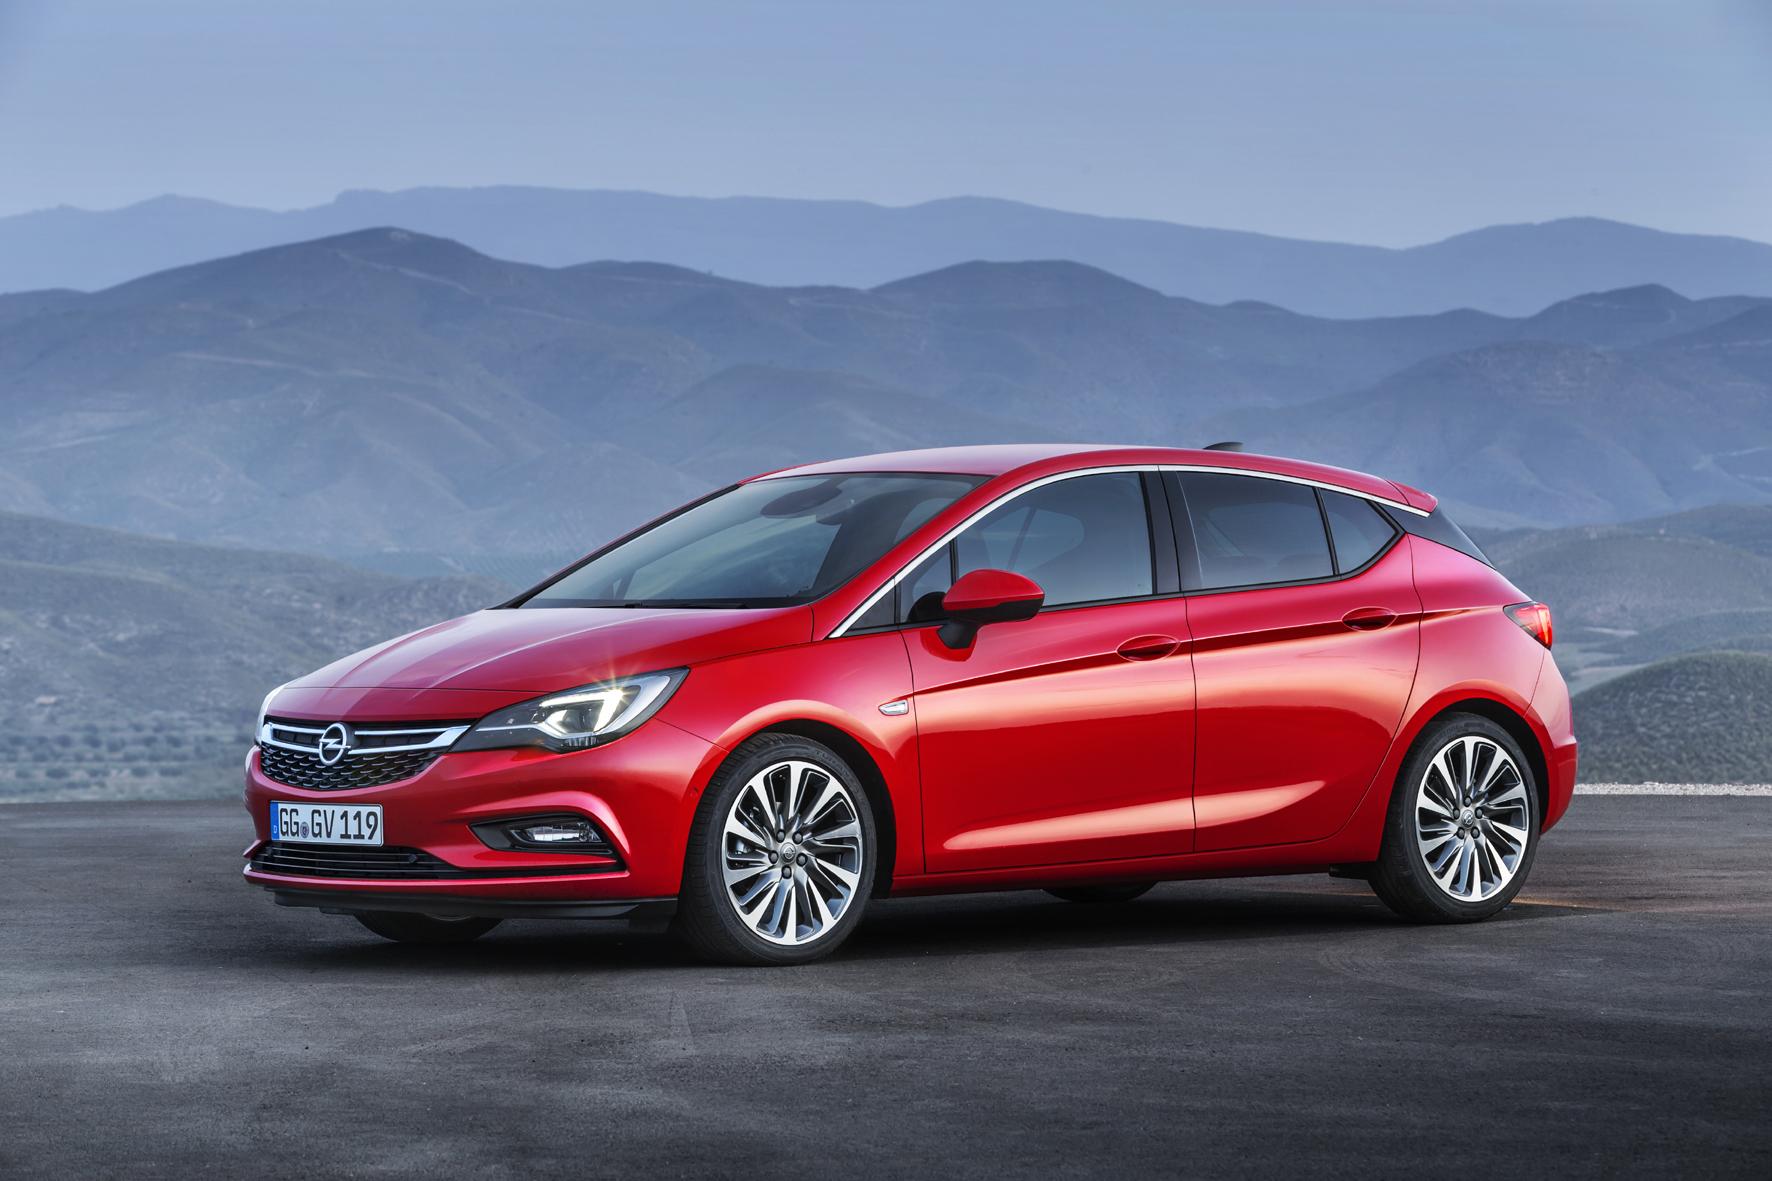 mid Düsseldorf - Ab 10. Oktober 2015 können sich die deutschen Autokäufer bei den Händlern persönlich ein Bild vom neuen Opel Astra machen.